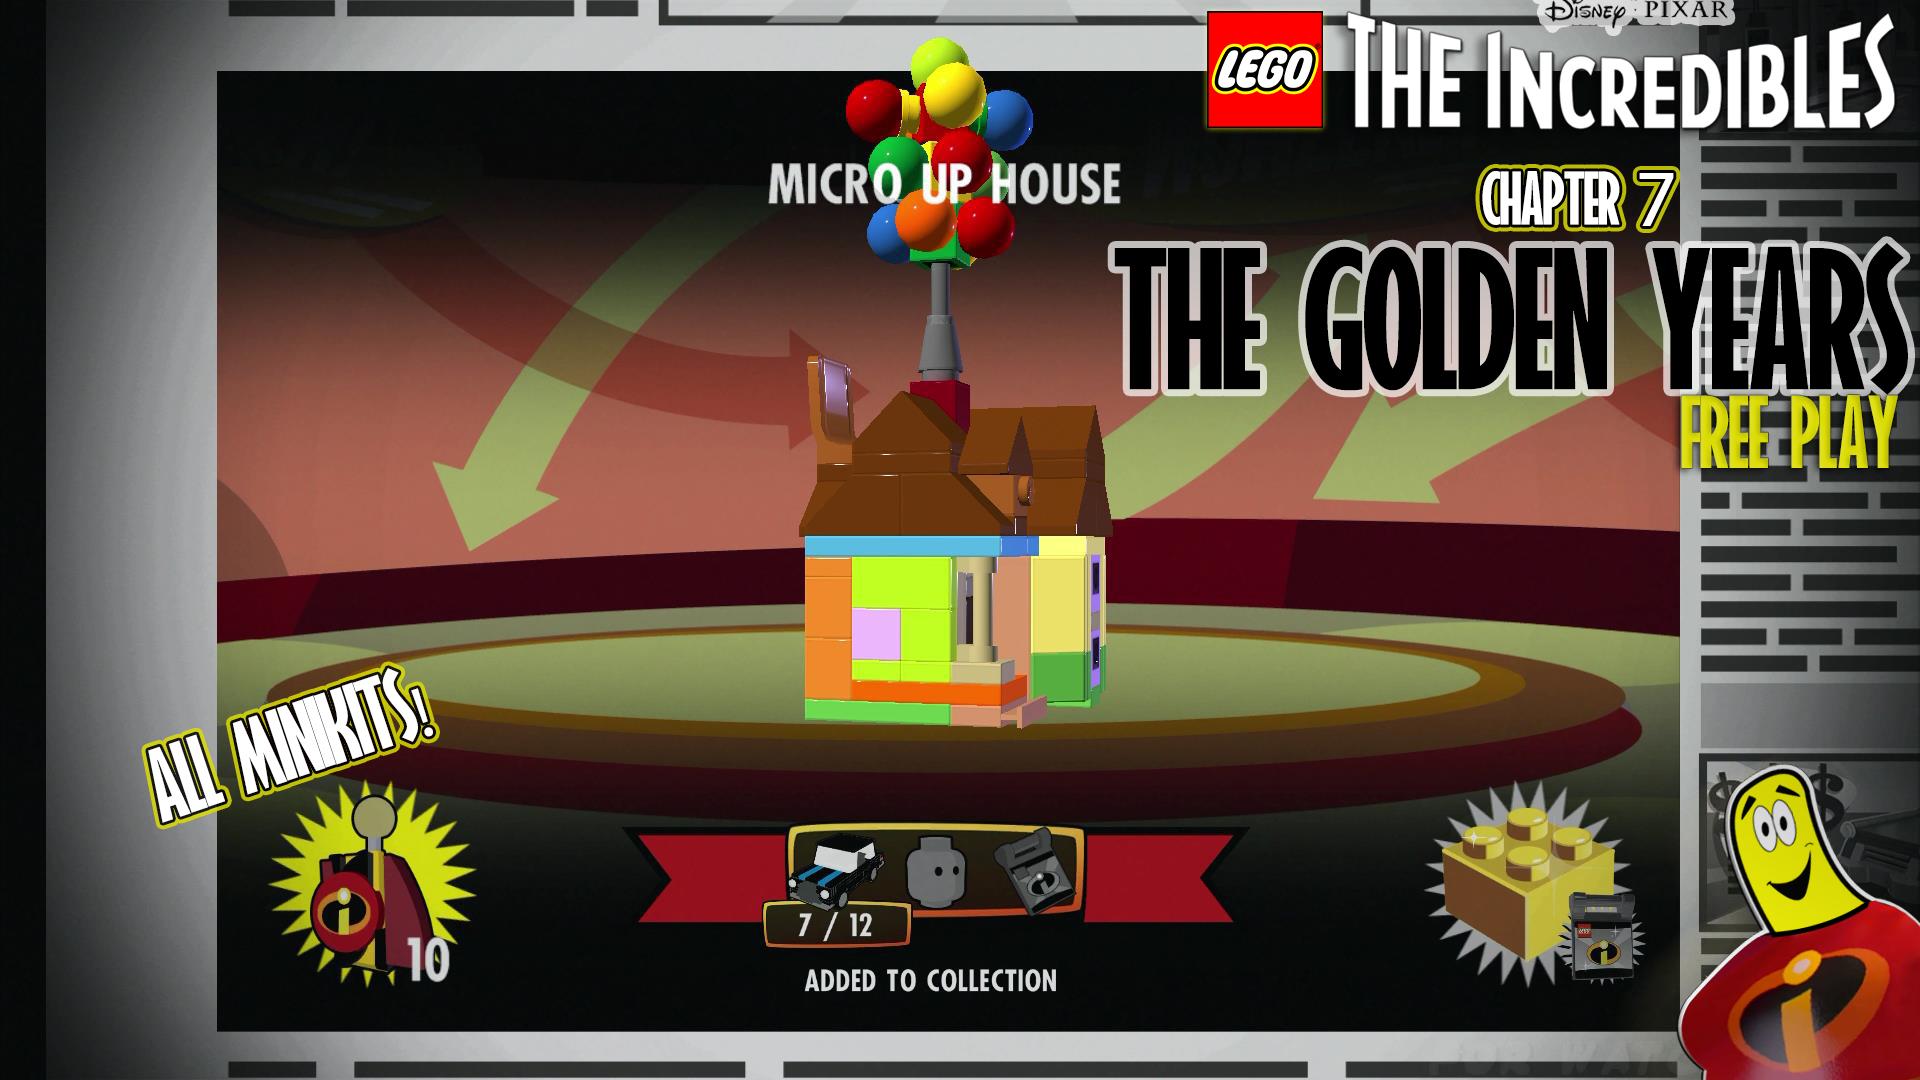 LegoIncredChapter7FREEPLAYThumb